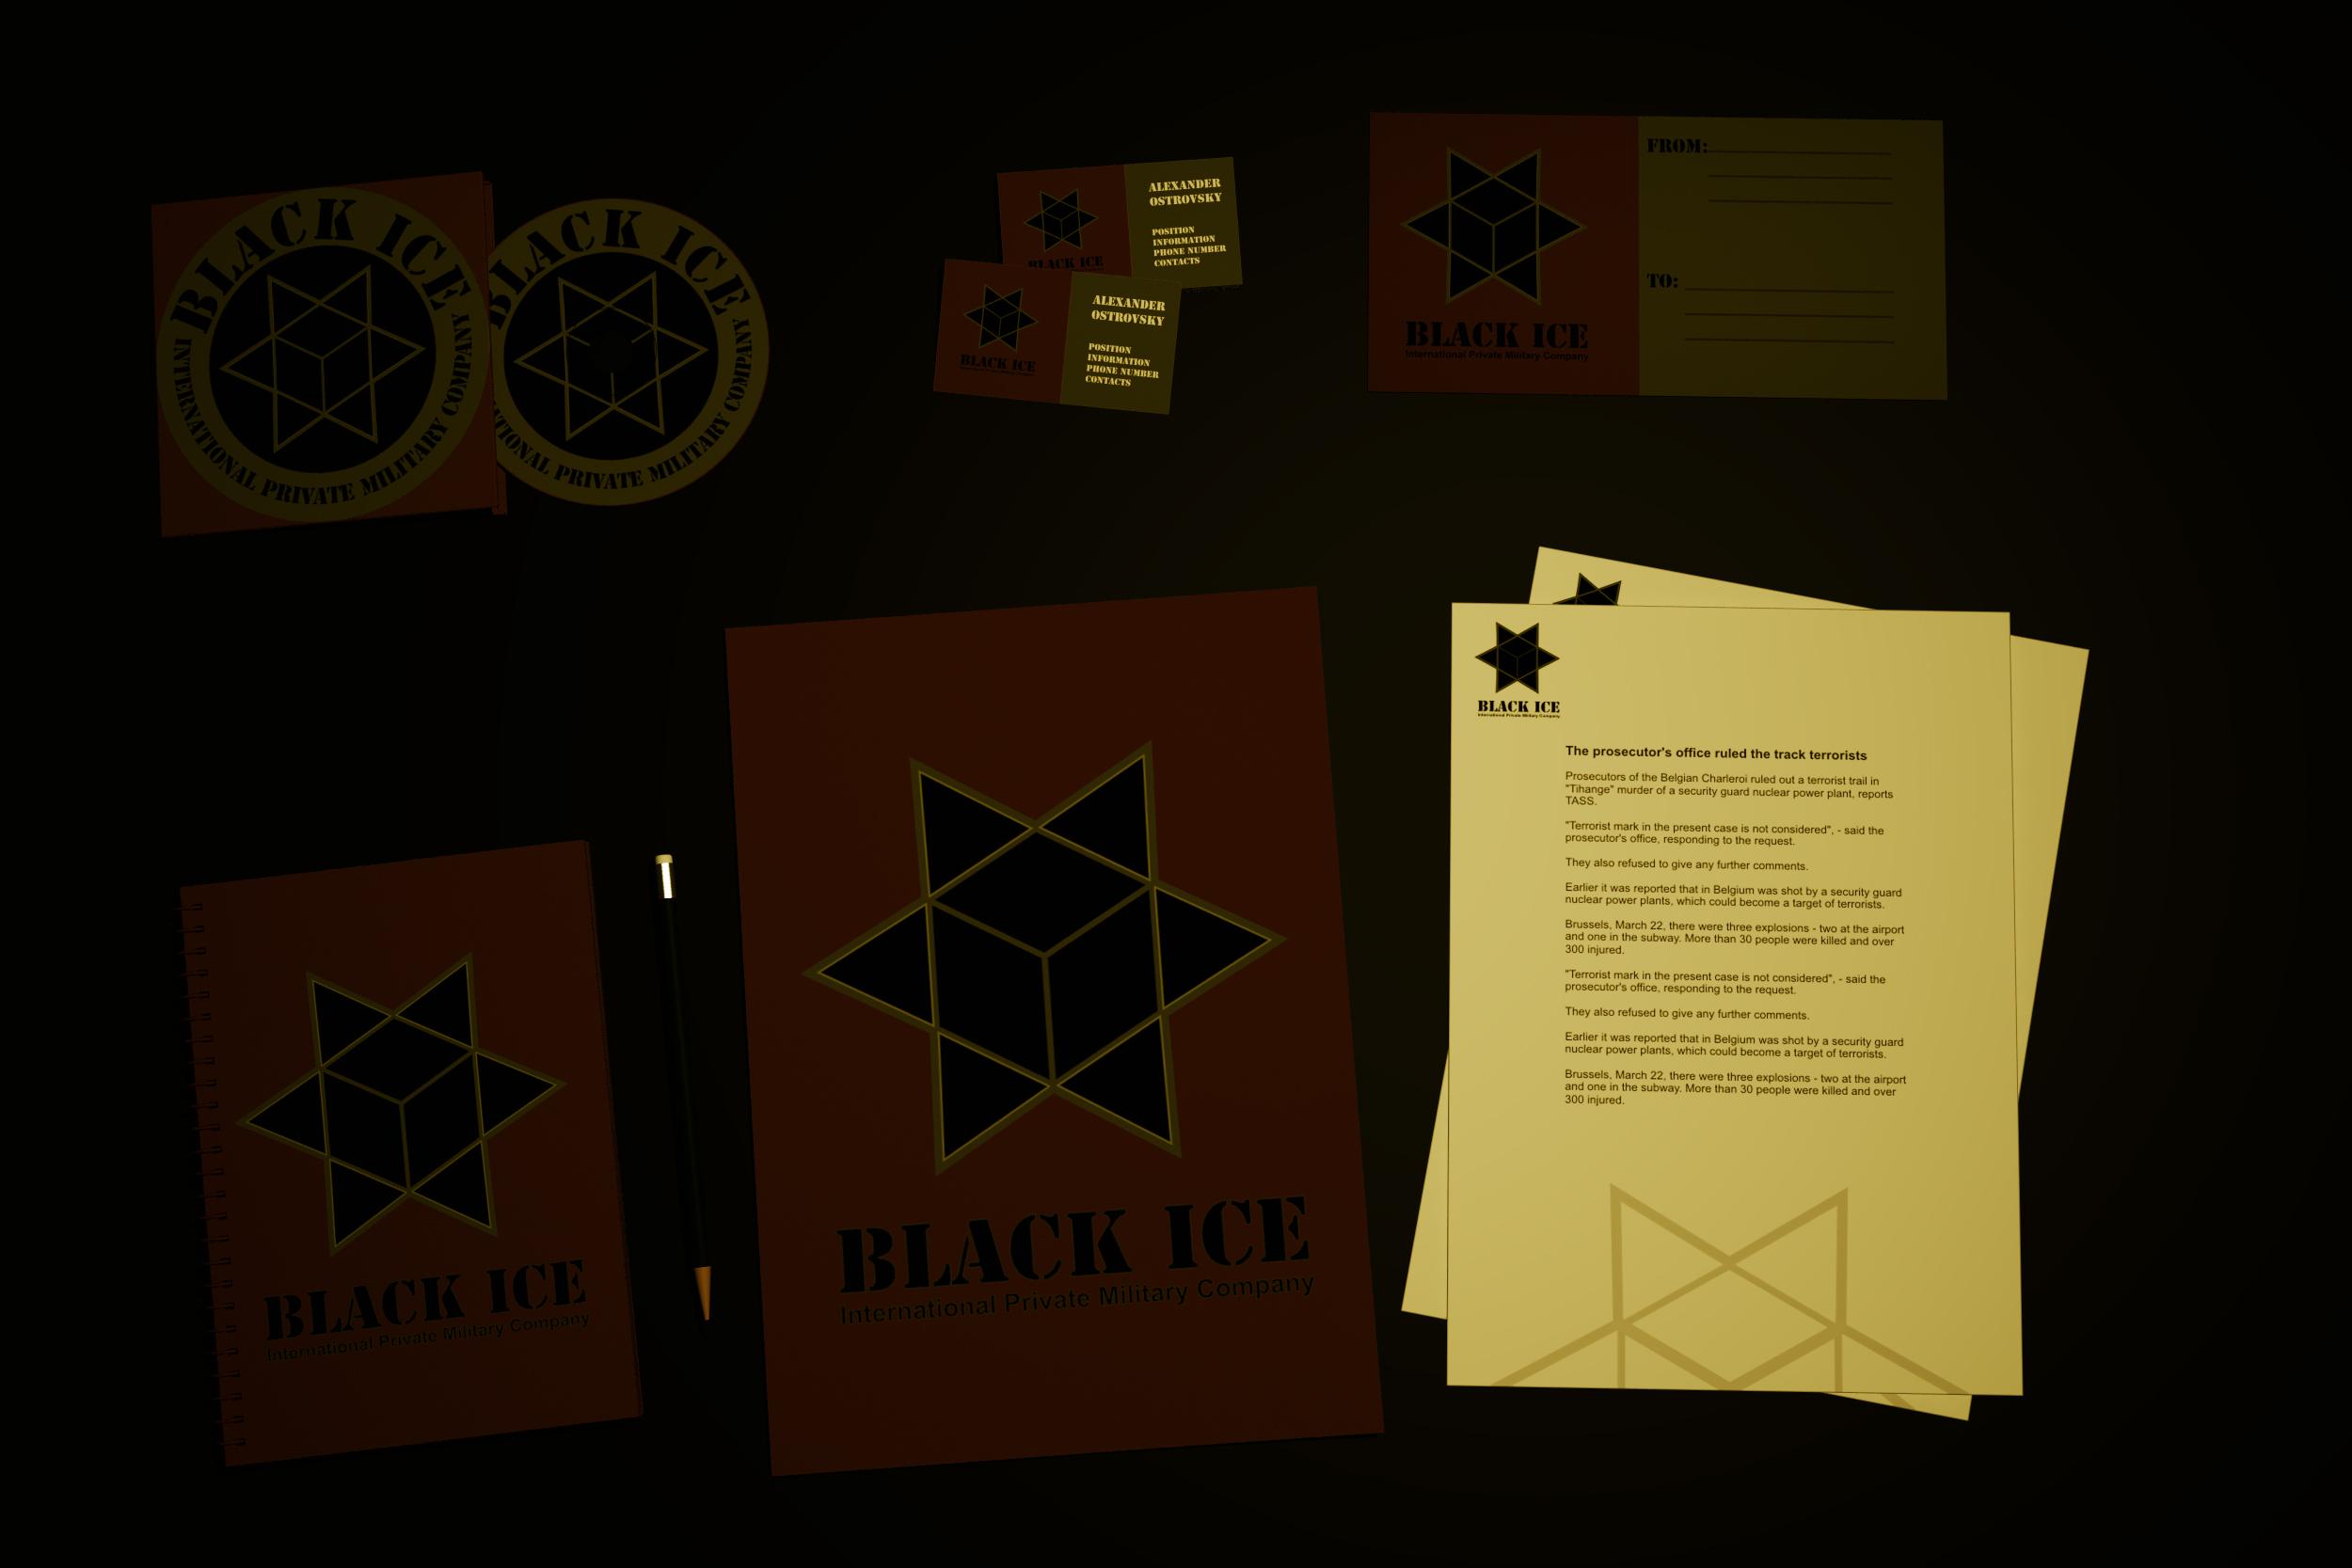 """Логотип + Фирменный стиль для компании """"BLACK ICE"""" фото f_64756f6cb8402ac5.jpg"""